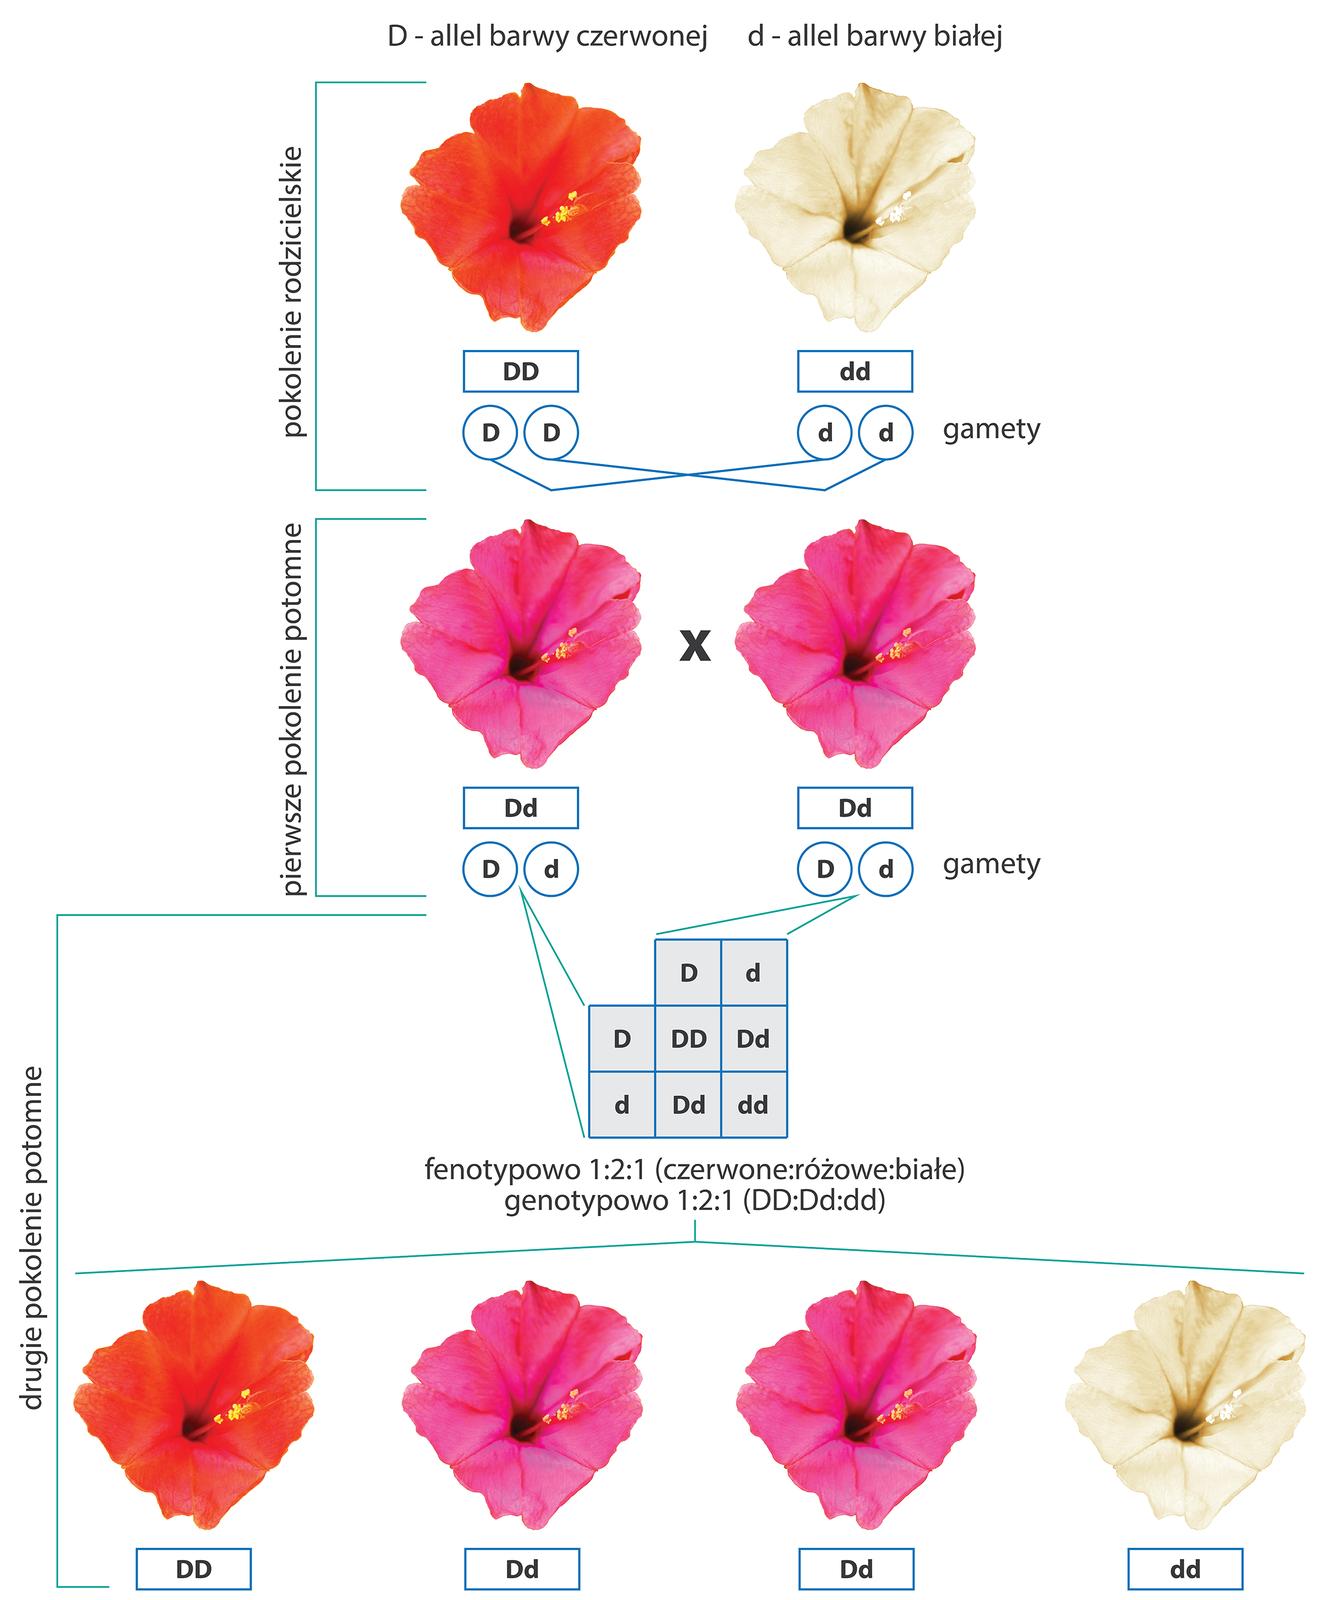 Ilustracja przestawia krzyżowanie dziwaczka oczerwonych kwiatach zdziwaczkiem okwiatach białych. Pod zdjęciami kwiatów podpisano ich genotypy igamety. Poniżej pierwsze pokolenie potomne, heterozygoty okwiatach barwy różowej. Podpisane genotypy igamety. Wtrzecim rzędzie krzyżówka genetyczna heterozygot. Poniżej wynik krzyżowania, czyli drugie pokolenie potomne. Jest to czerwona homozygota dominująca, dwie różowe heterozygoty ibiała homozygota recesywna. Taki wynik wskazuje na niepełną dominację alleli udziwaczka.